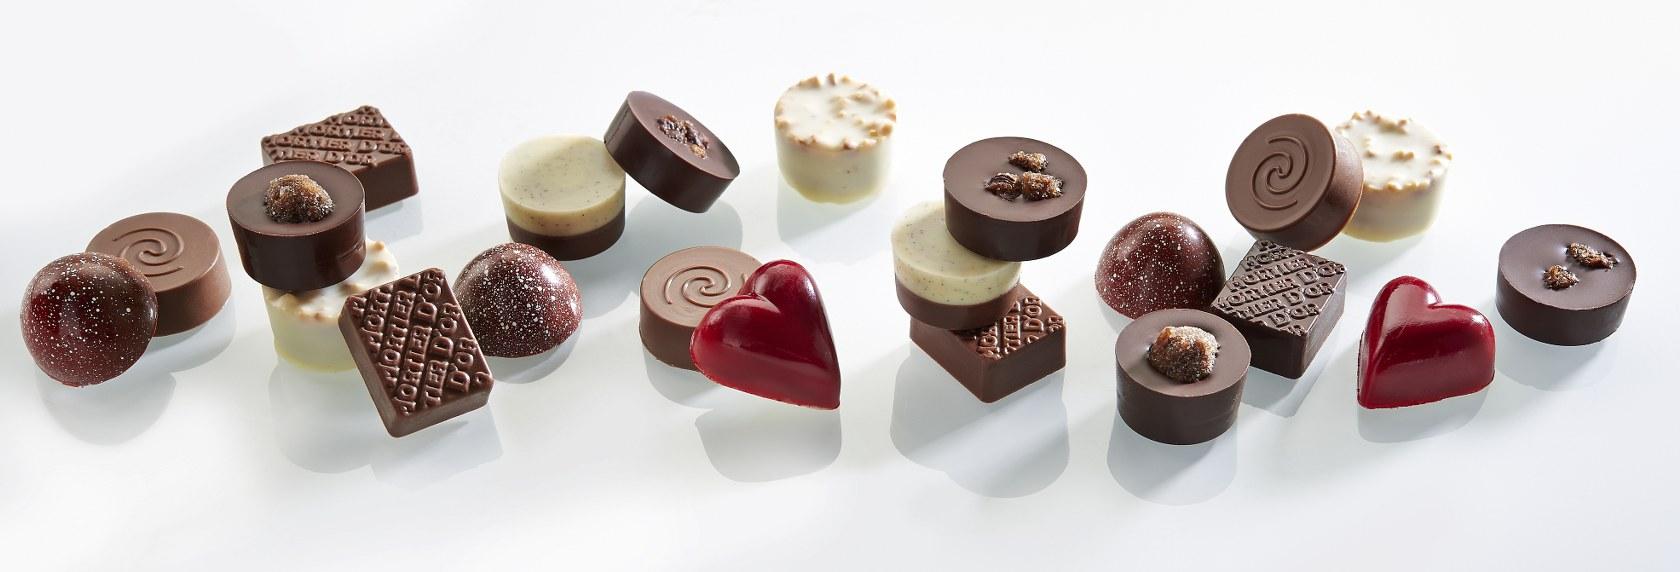 chocolat ambiance